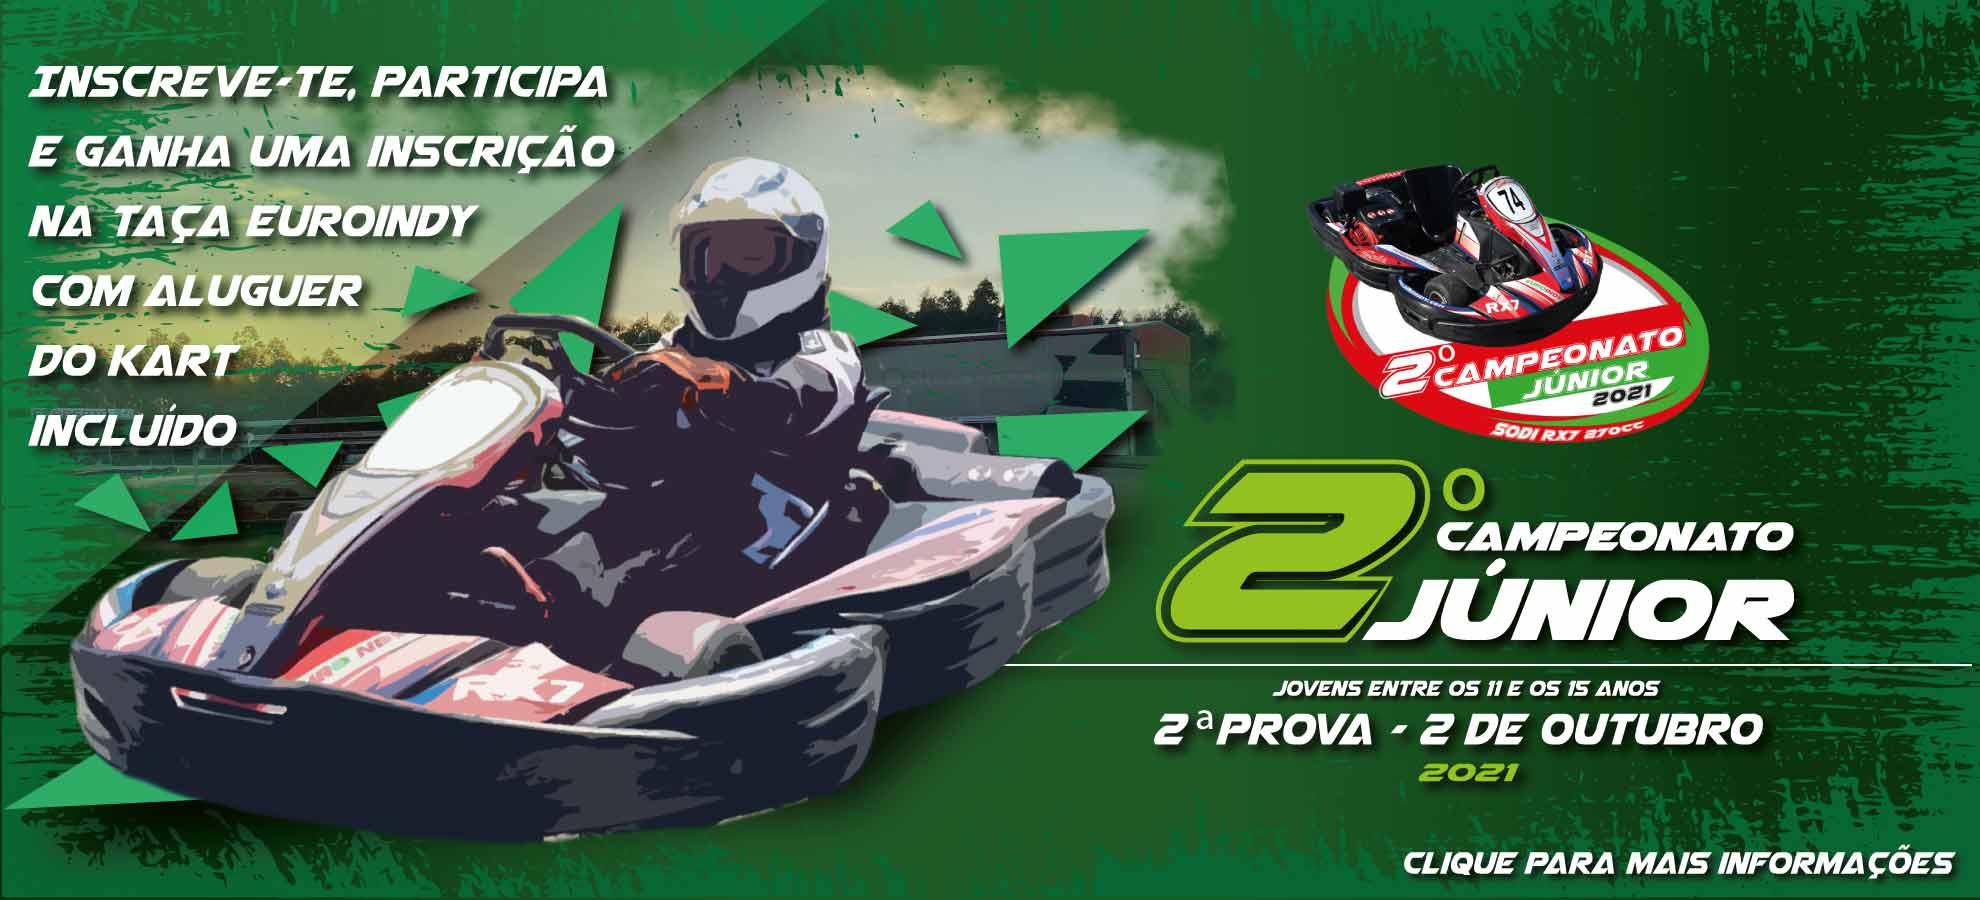 2 Campeonato Júnior 2021